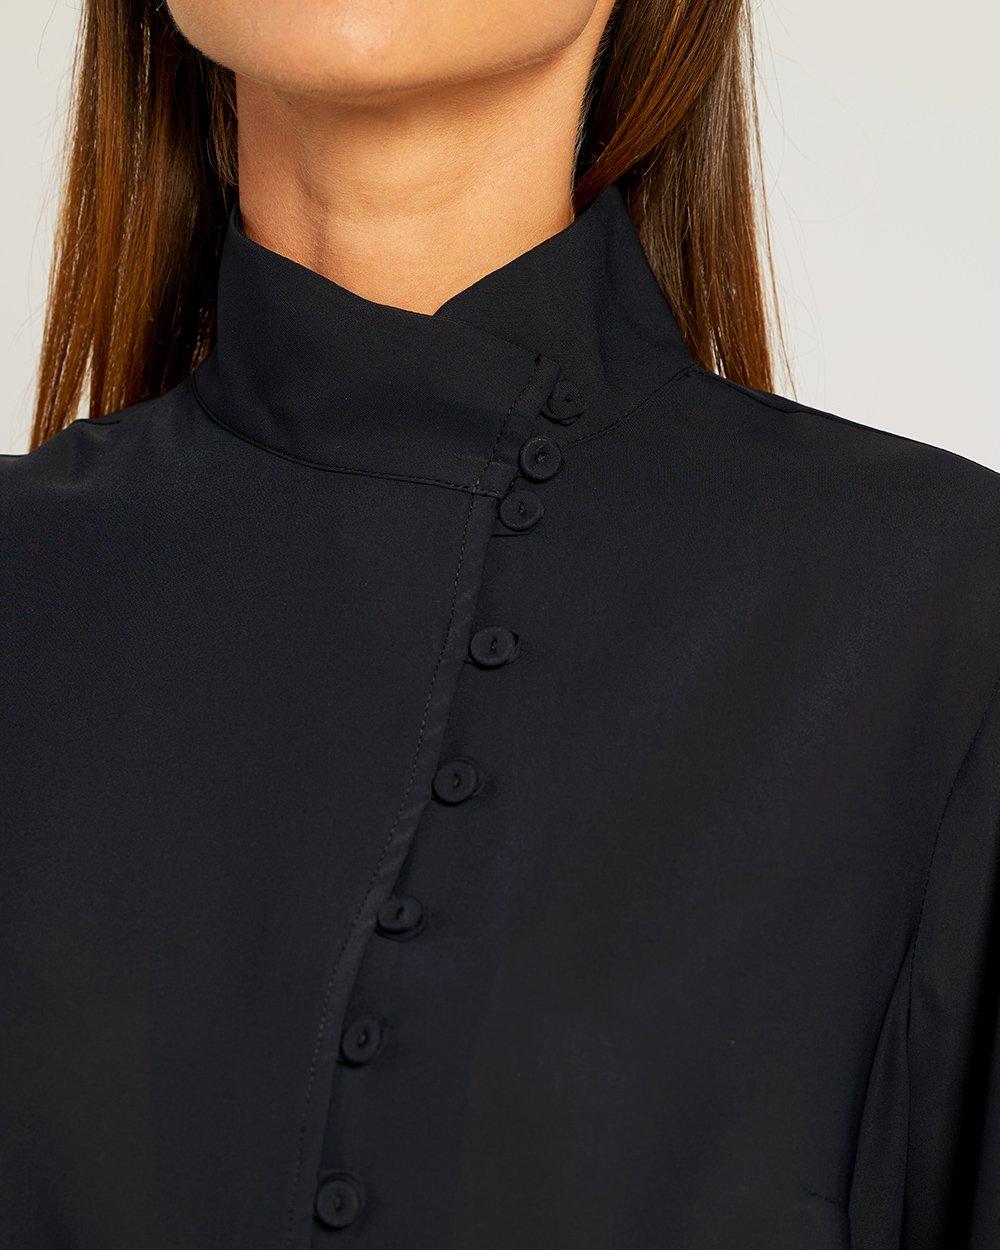 Μπλούζα με κουμπάκια